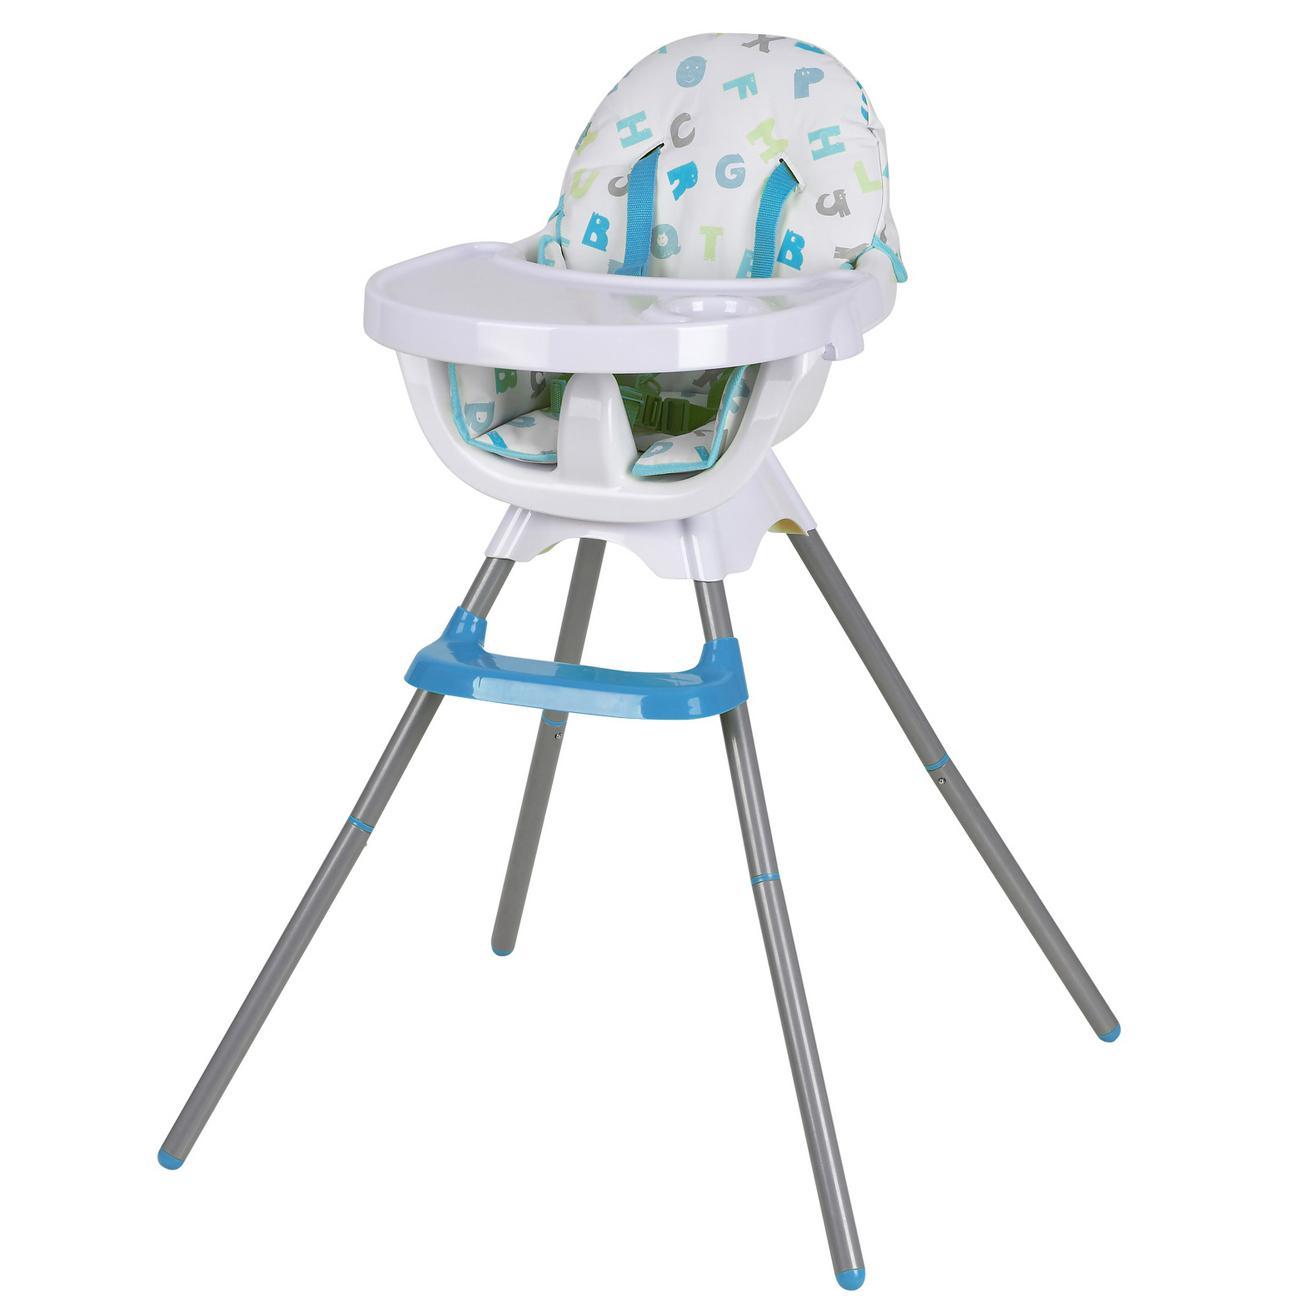 Купить 12355964, SELBY Стульчик для кормления Bh-432, [827390 (1)], Стульчики для кормления малышей